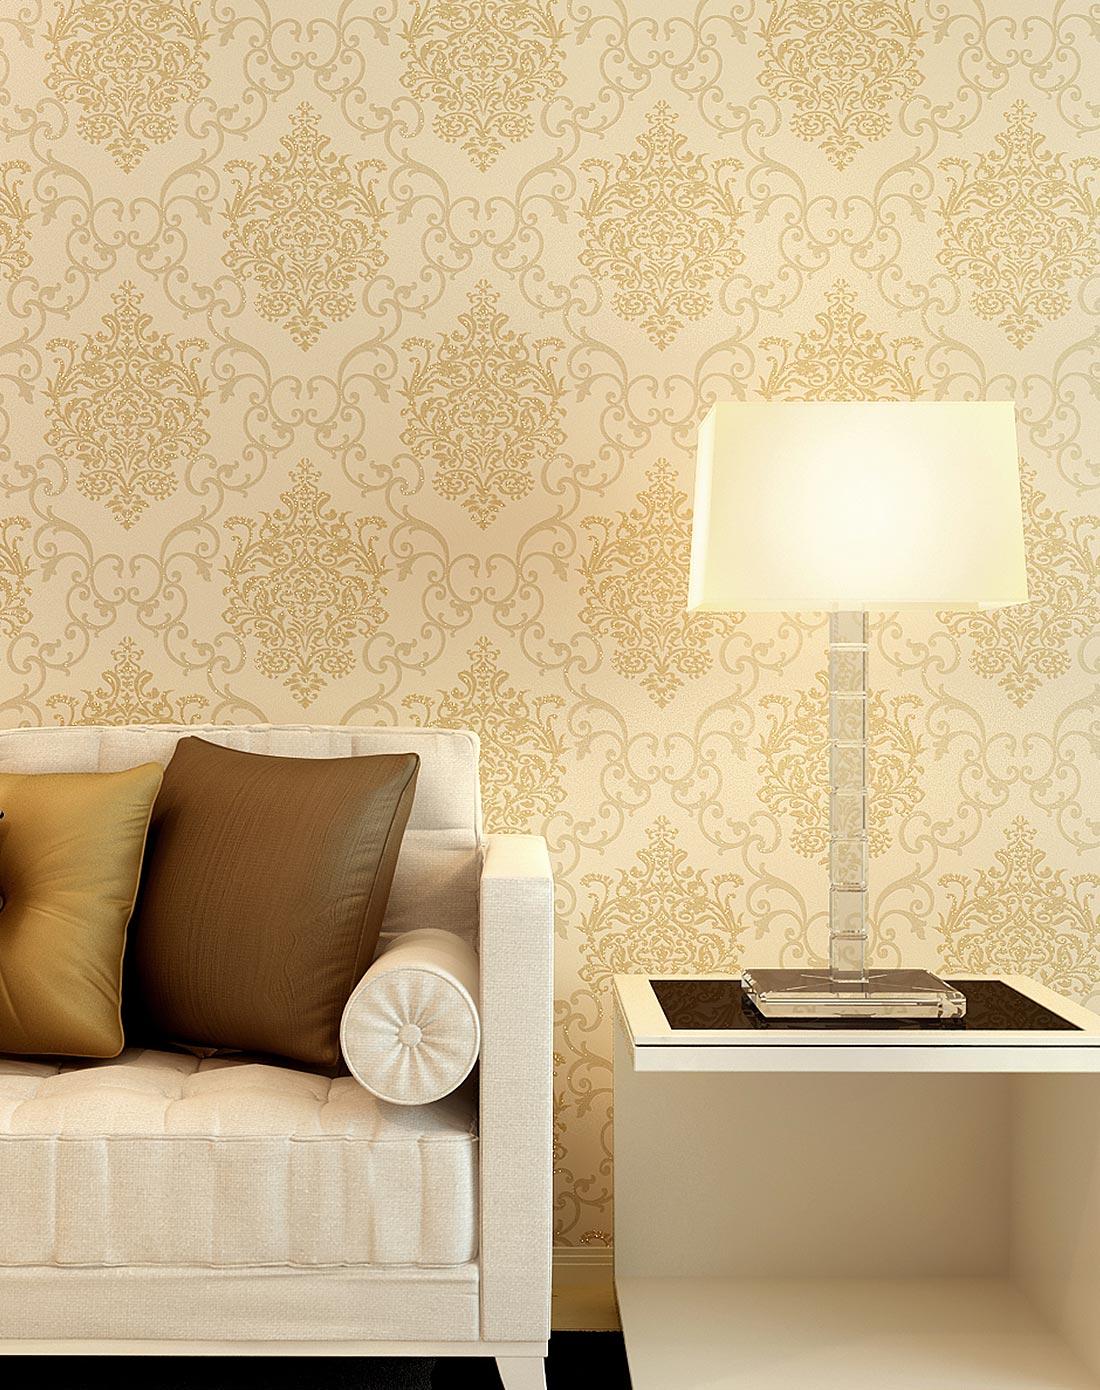 室内装修三种撕墙纸的小技巧